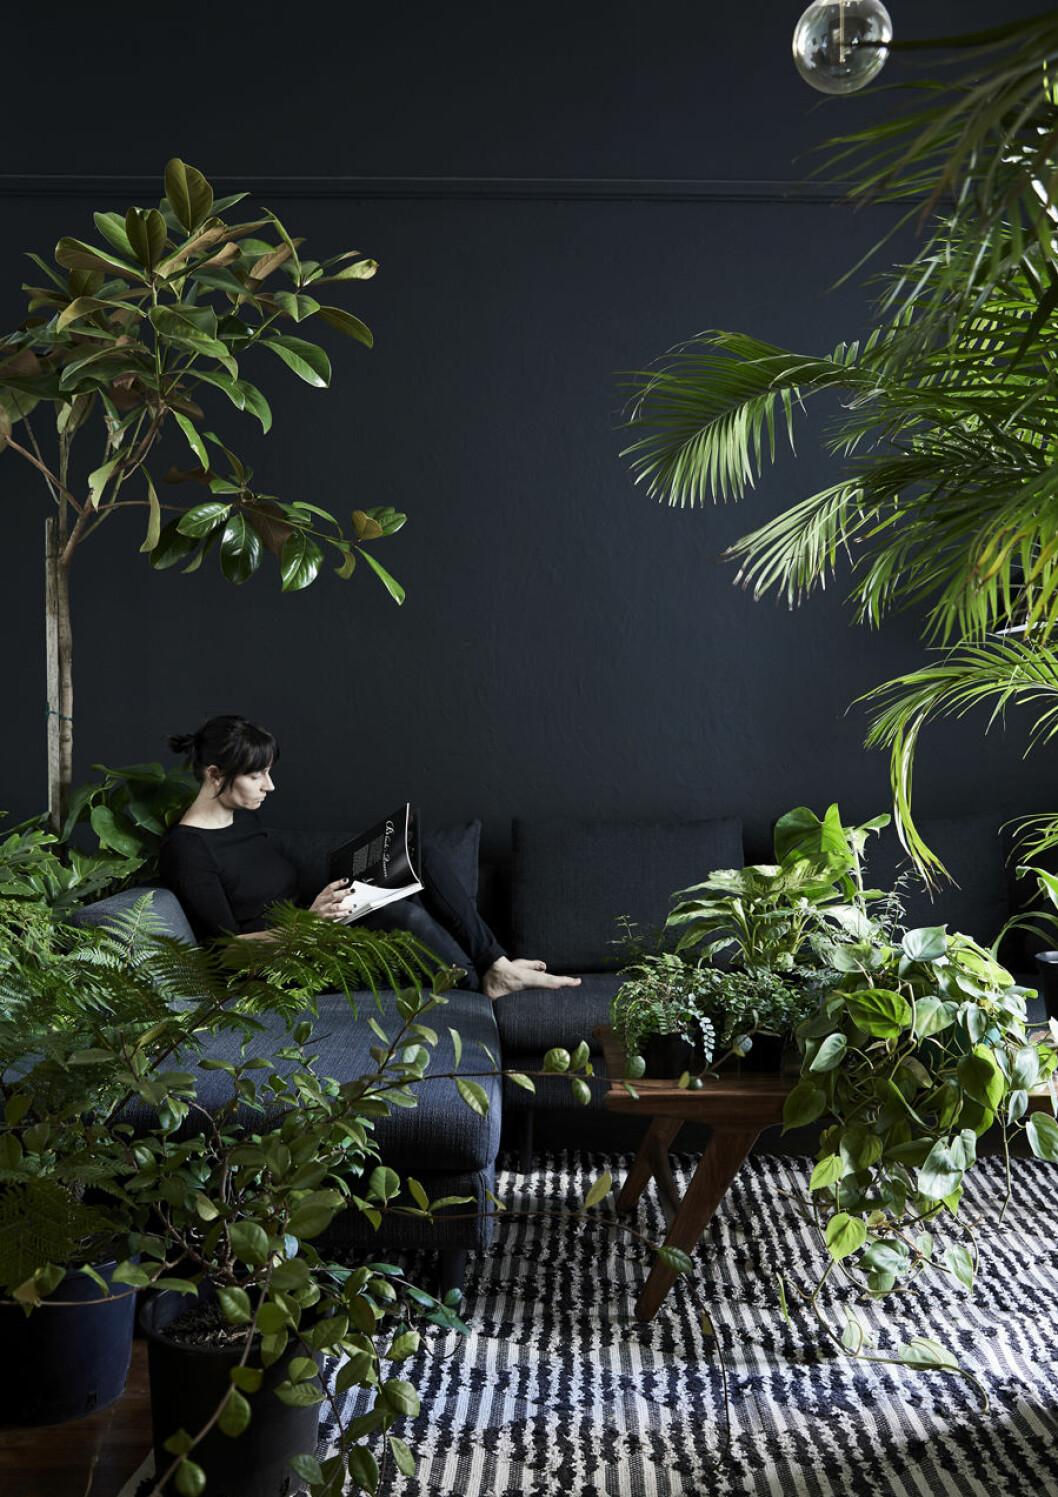 Inred med växter mot en mörk bakgrund för snygg kontrast